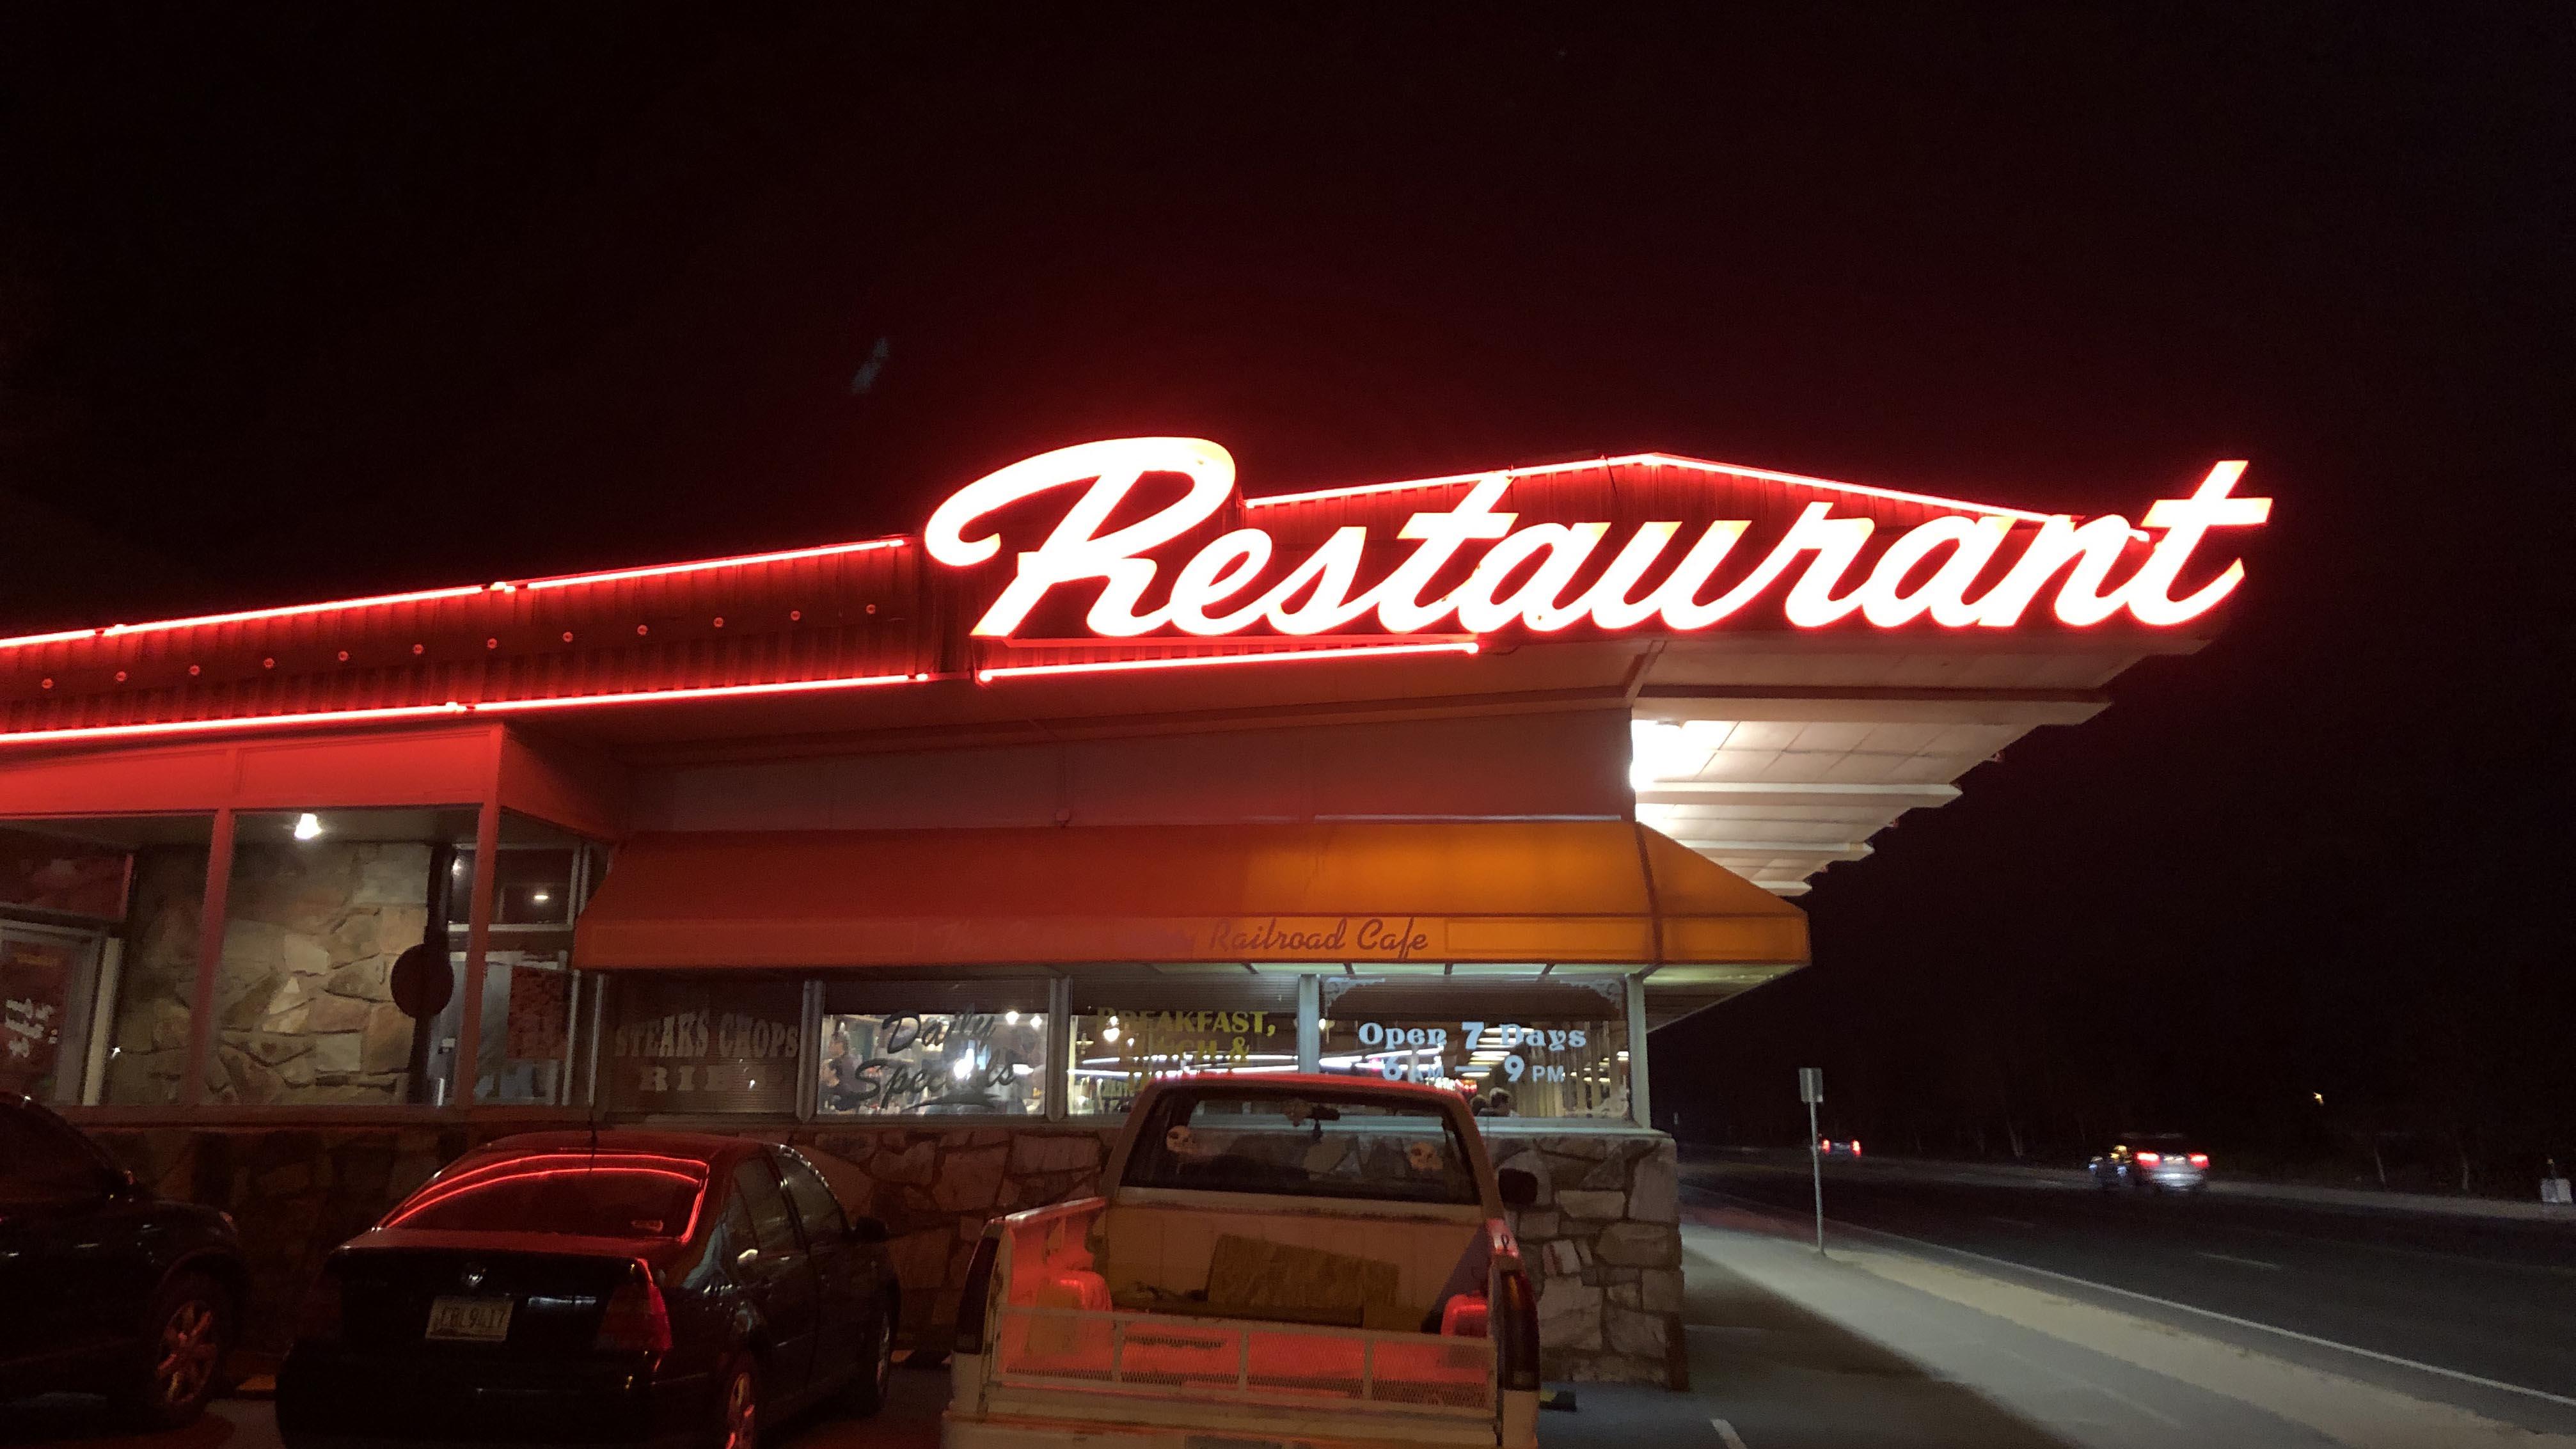 フラッグスタッフ レストラン クラウン・レールロード・カフェ Flagstaff The Crown Railroad Cafe